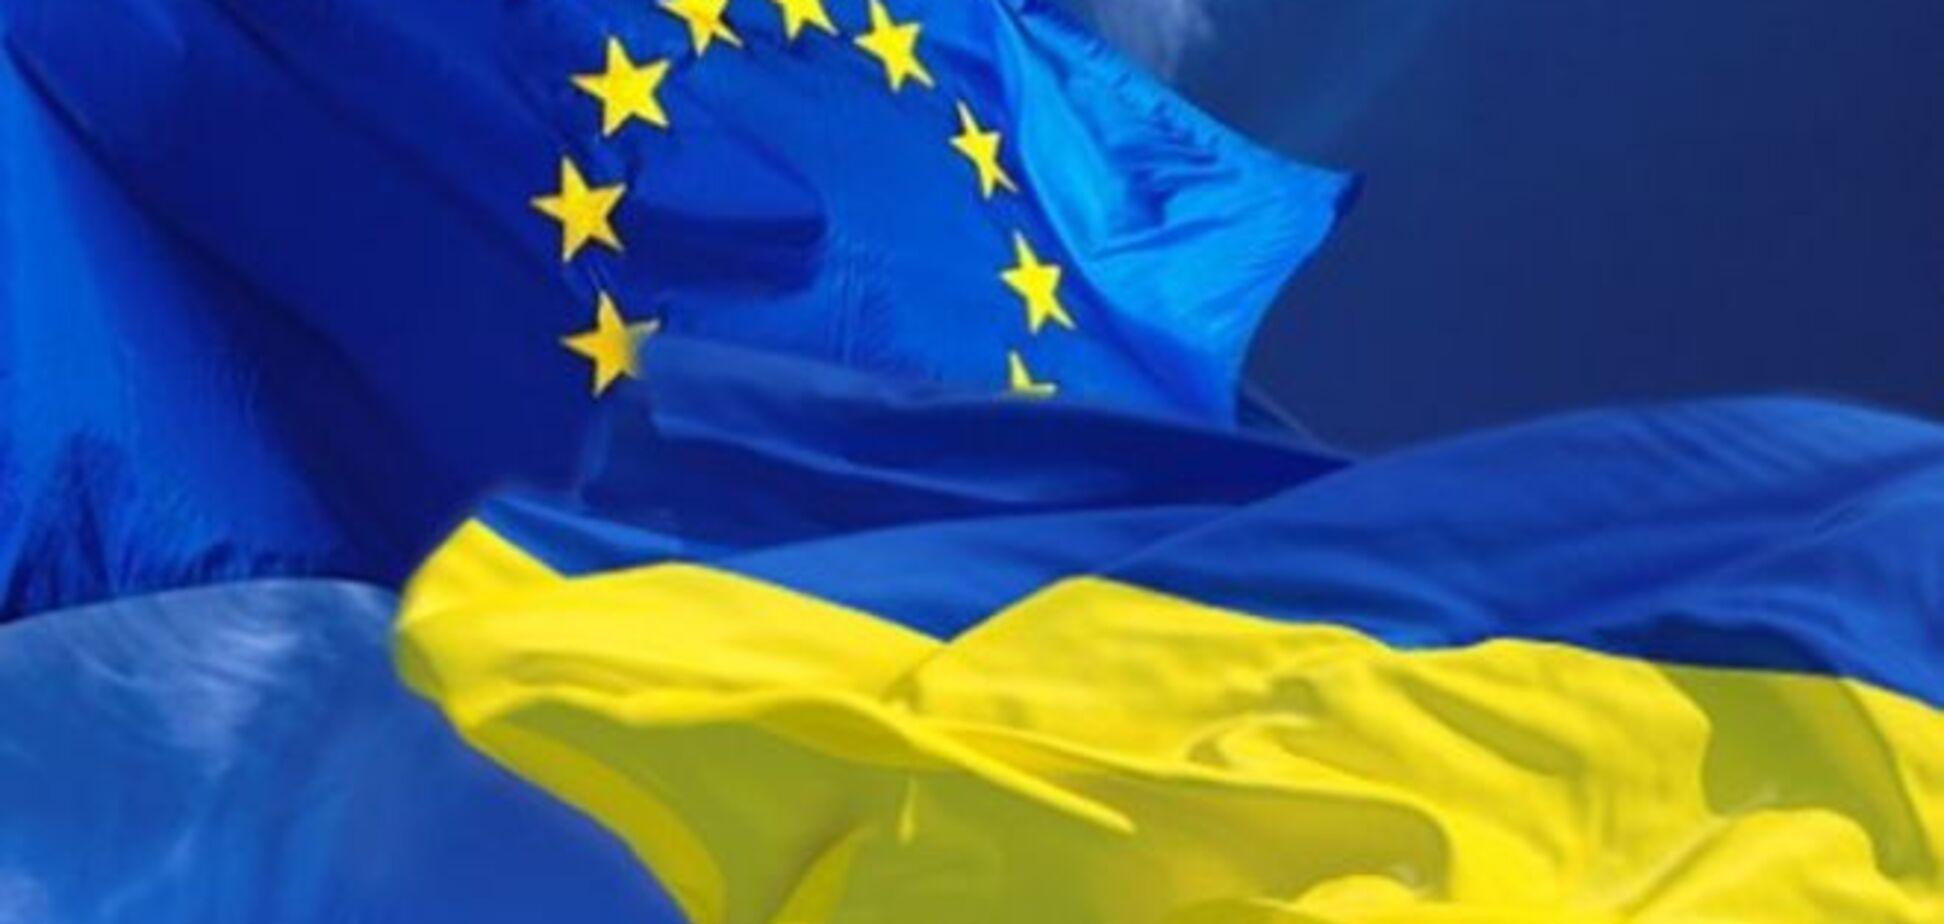 Бондаренко говорит, что Украина стучит в наглухо закрытую дверь ЕС